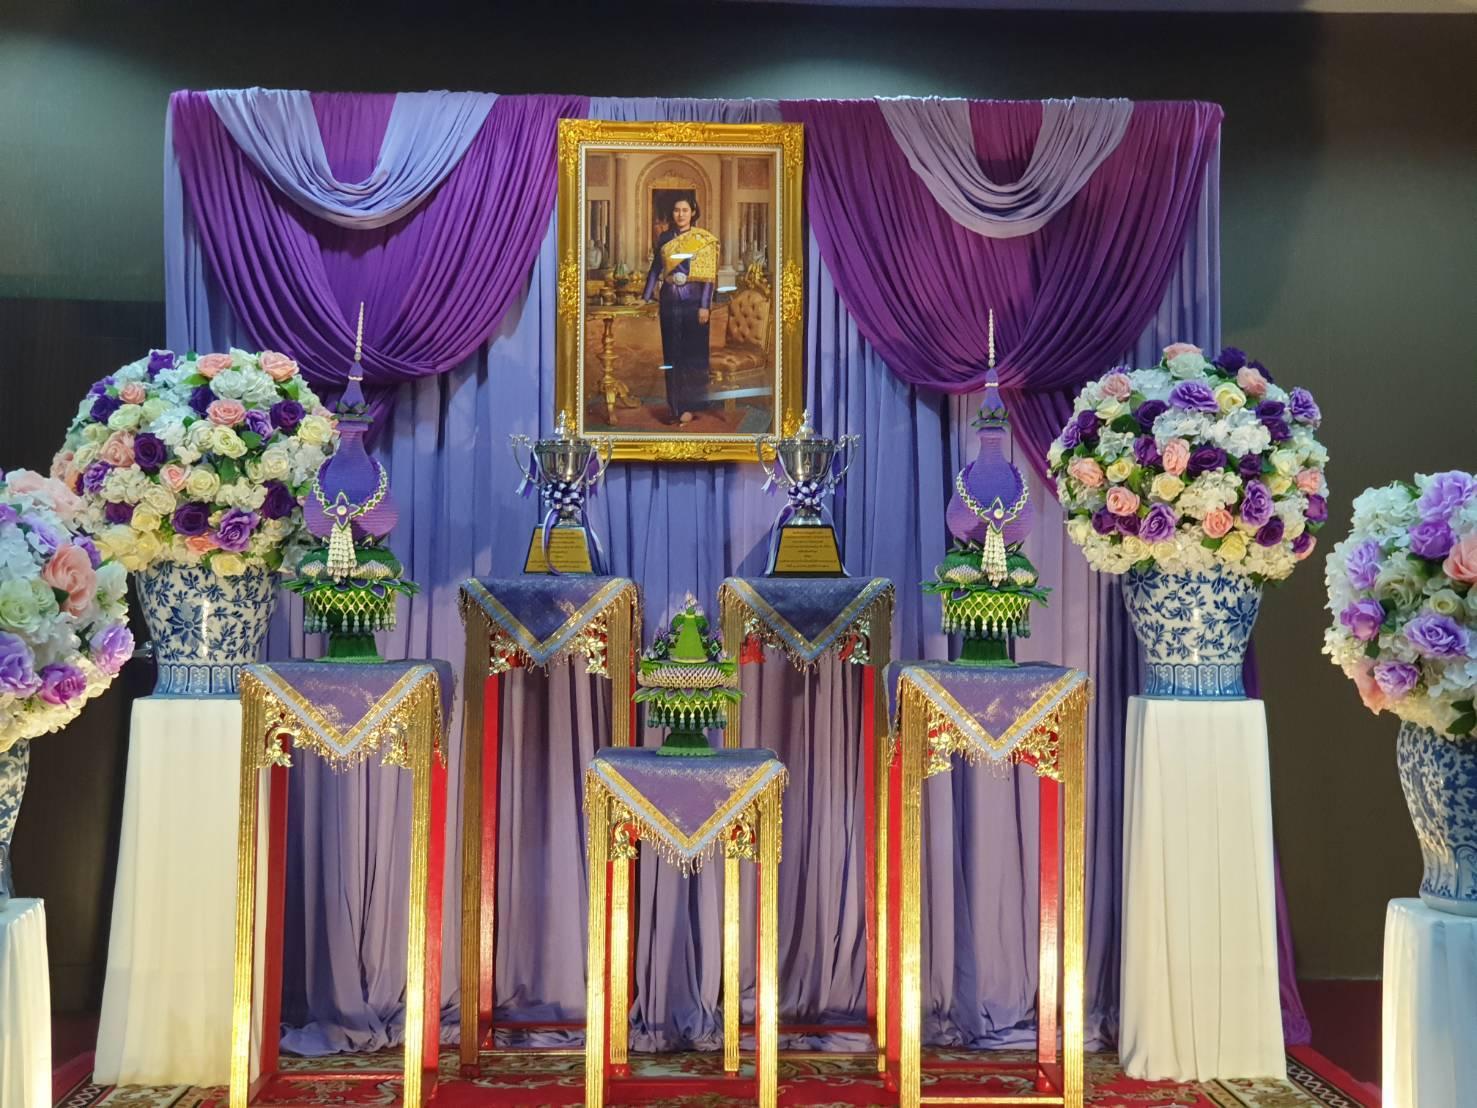 คณะศิลปศาสตร์ ส่งนักศึกษาเข้าร่วมแข่งขันการประกวดมารยาทไทยระดับชาติ ครั้งที่ 3